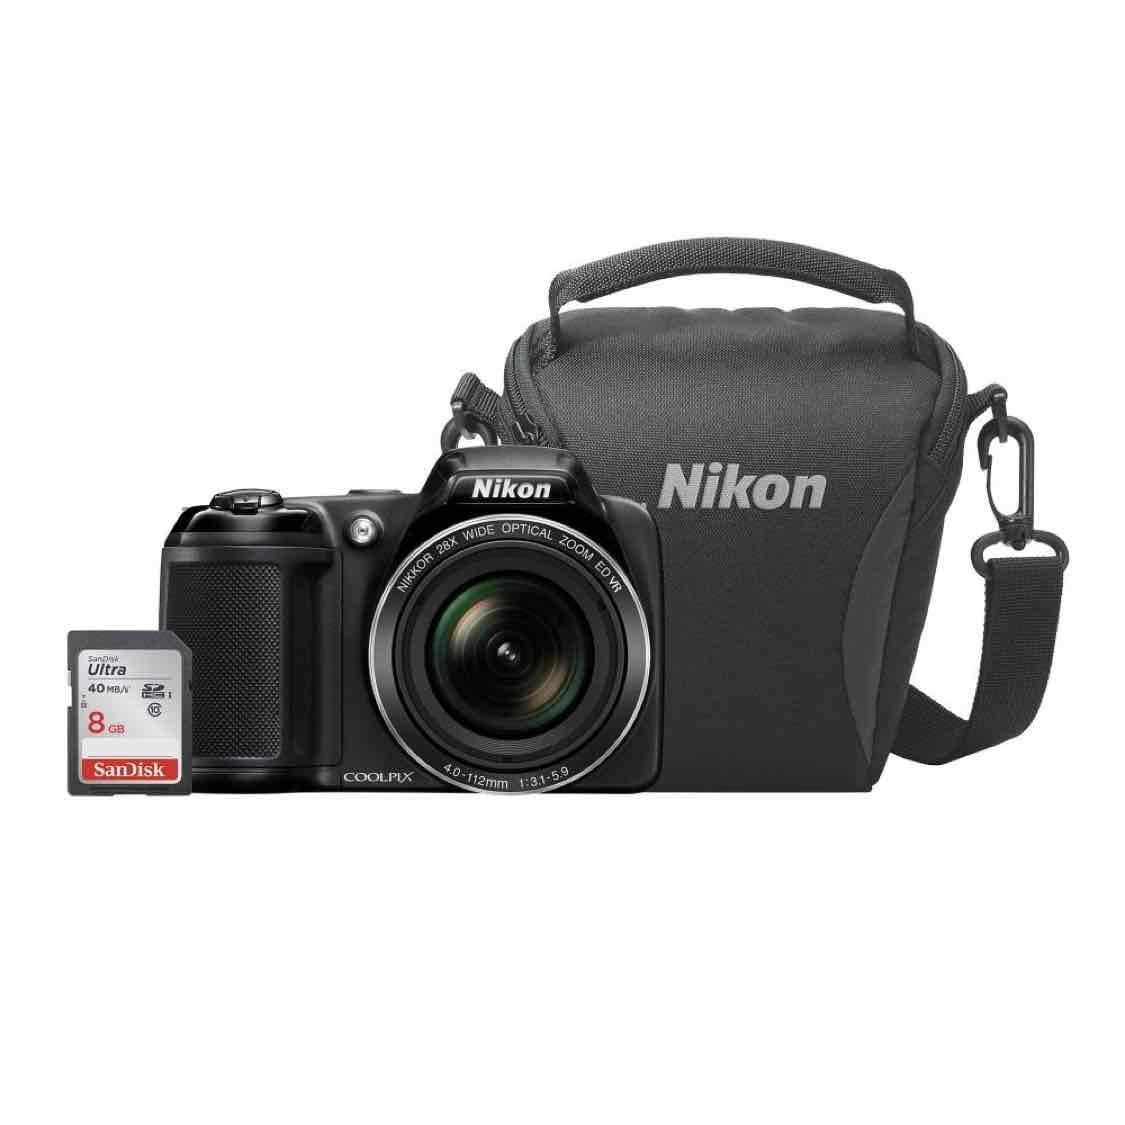 Sam's Club en línea: Kit Fotográfico Nikon  con Cámara P530 Estuche y SD 8GB a $4,799